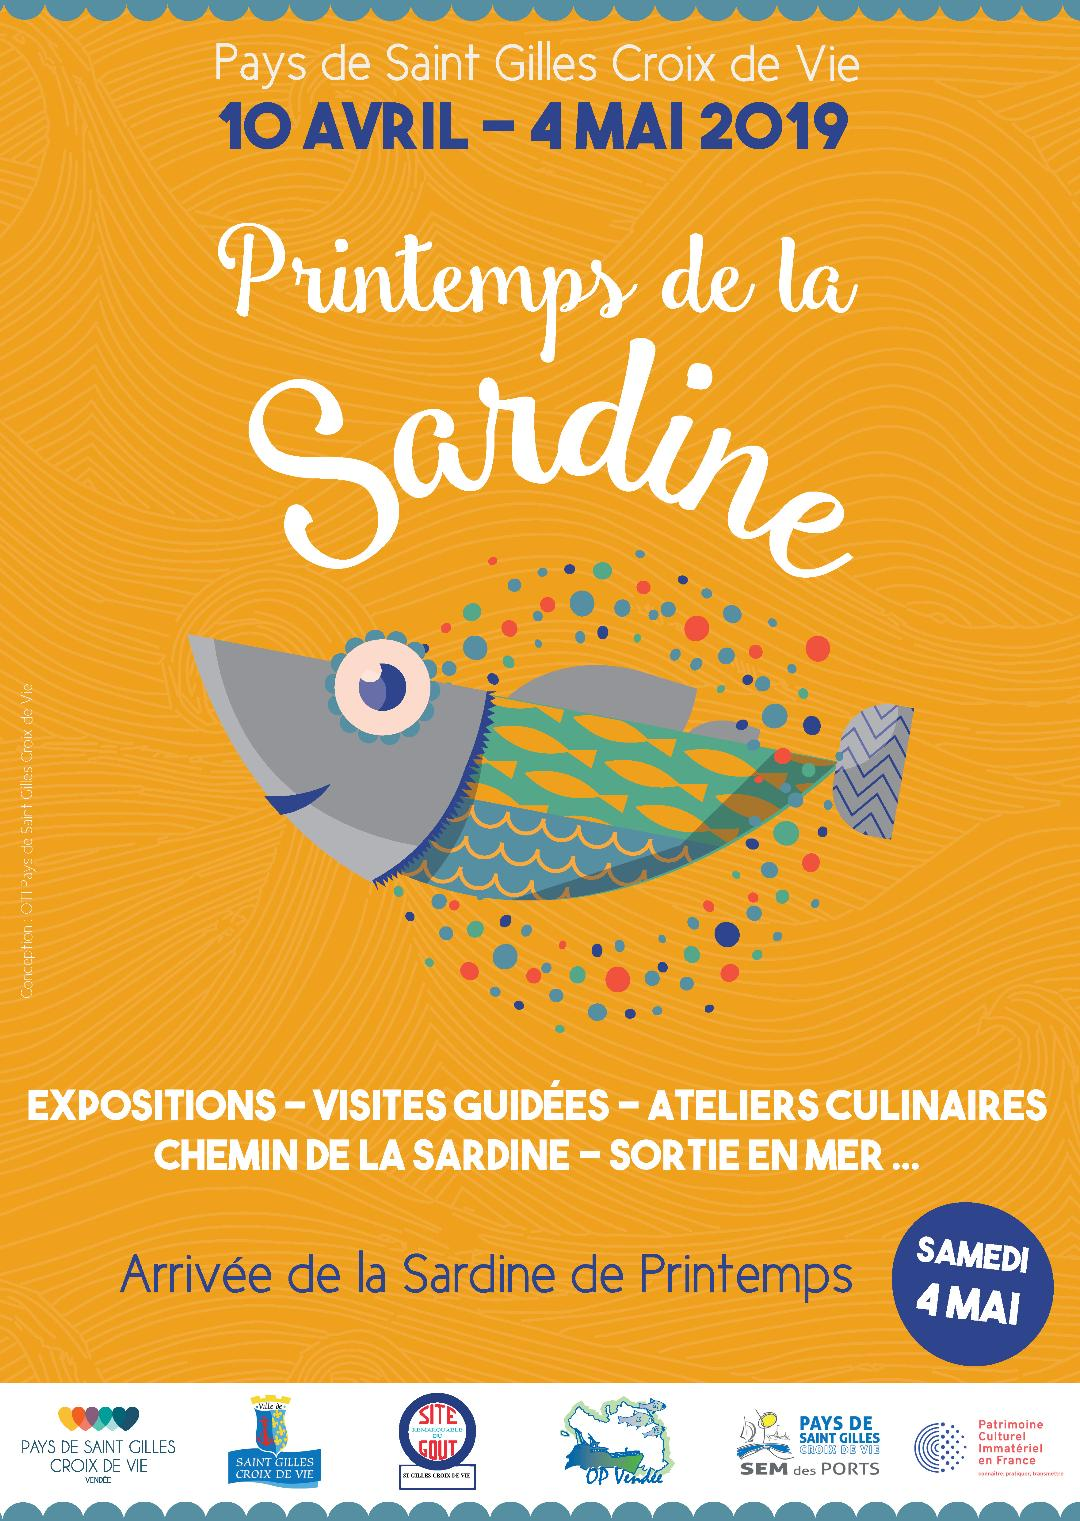 Printemps de la Sardine 2019 du 10 avril au 4 mai au Pays de Saint Gilles Croix de Vie